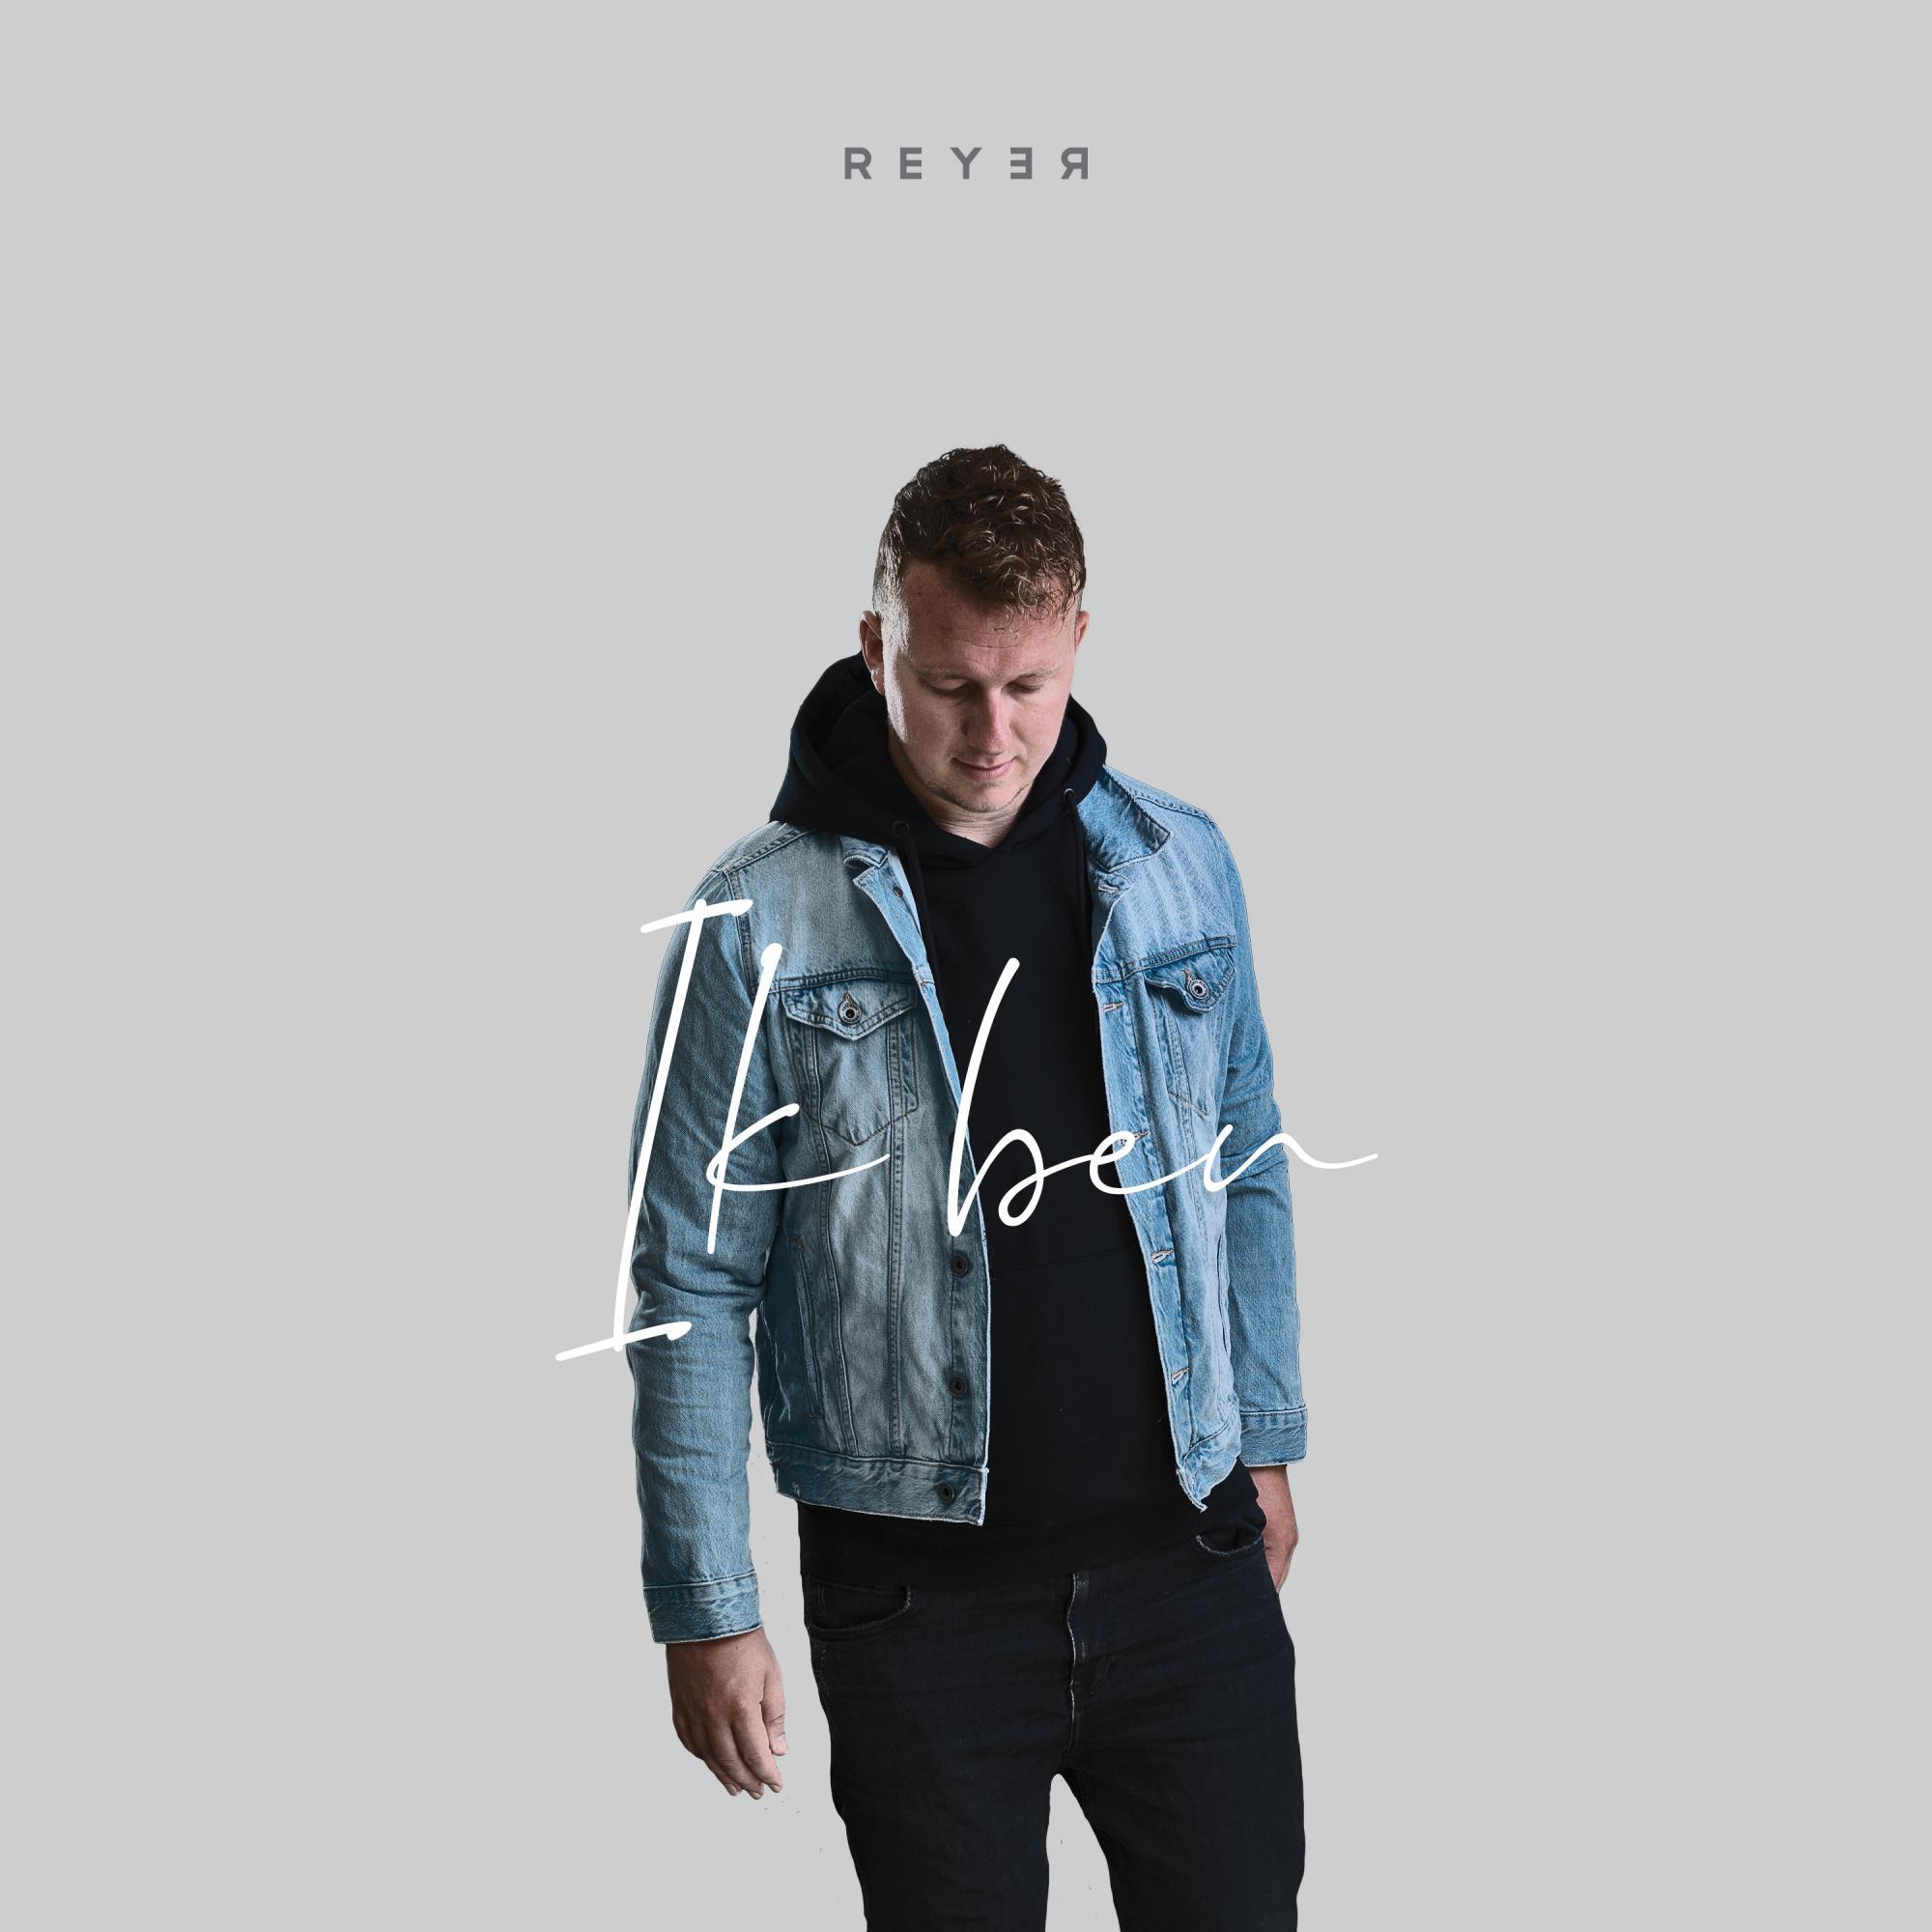 Reyer-Ik-Ben-Cover